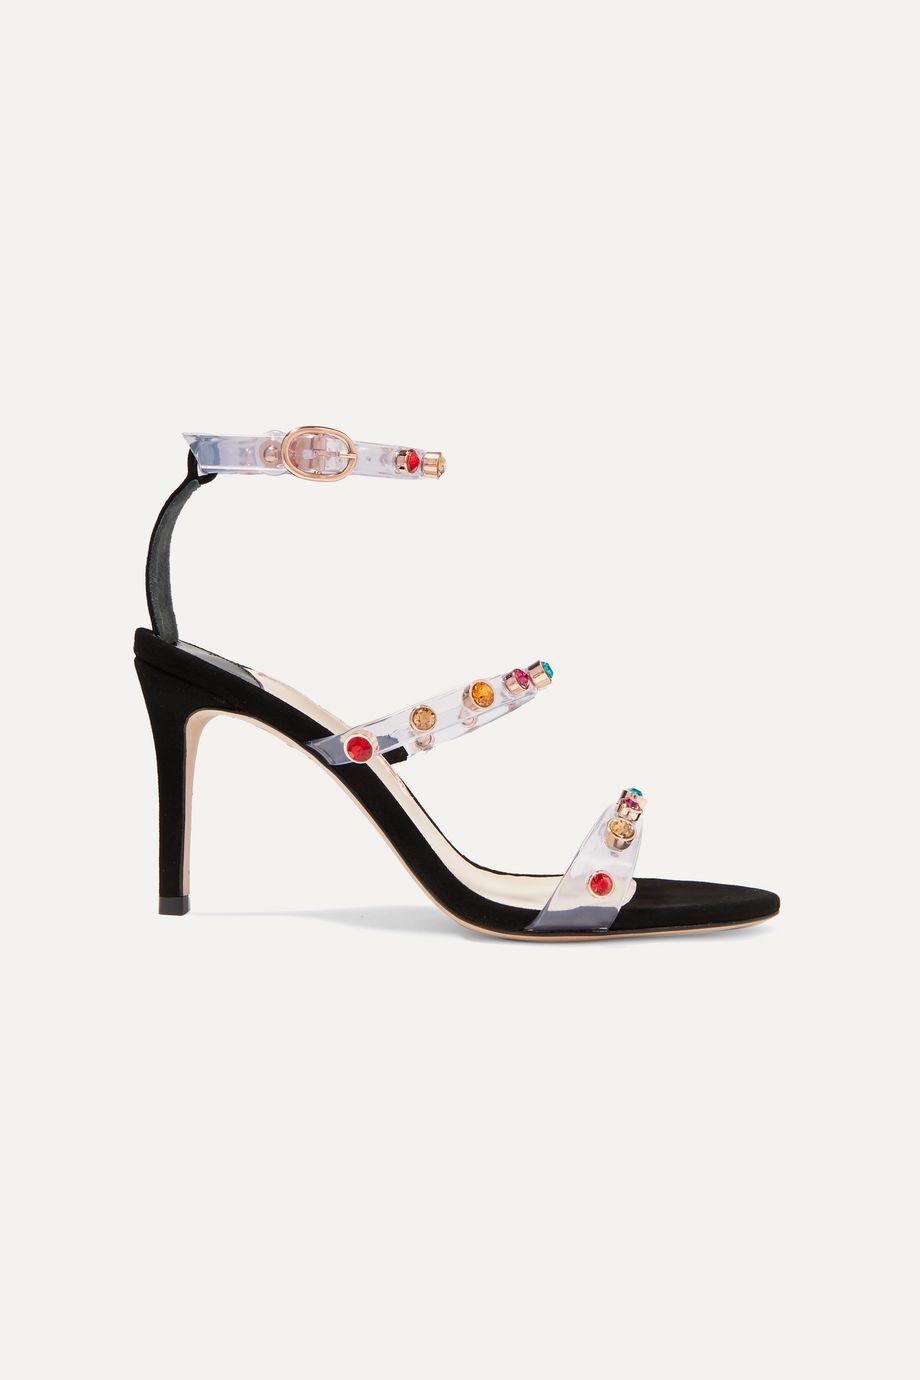 Sophia Webster Rosalind crystal-embellished vinyl and suede sandals